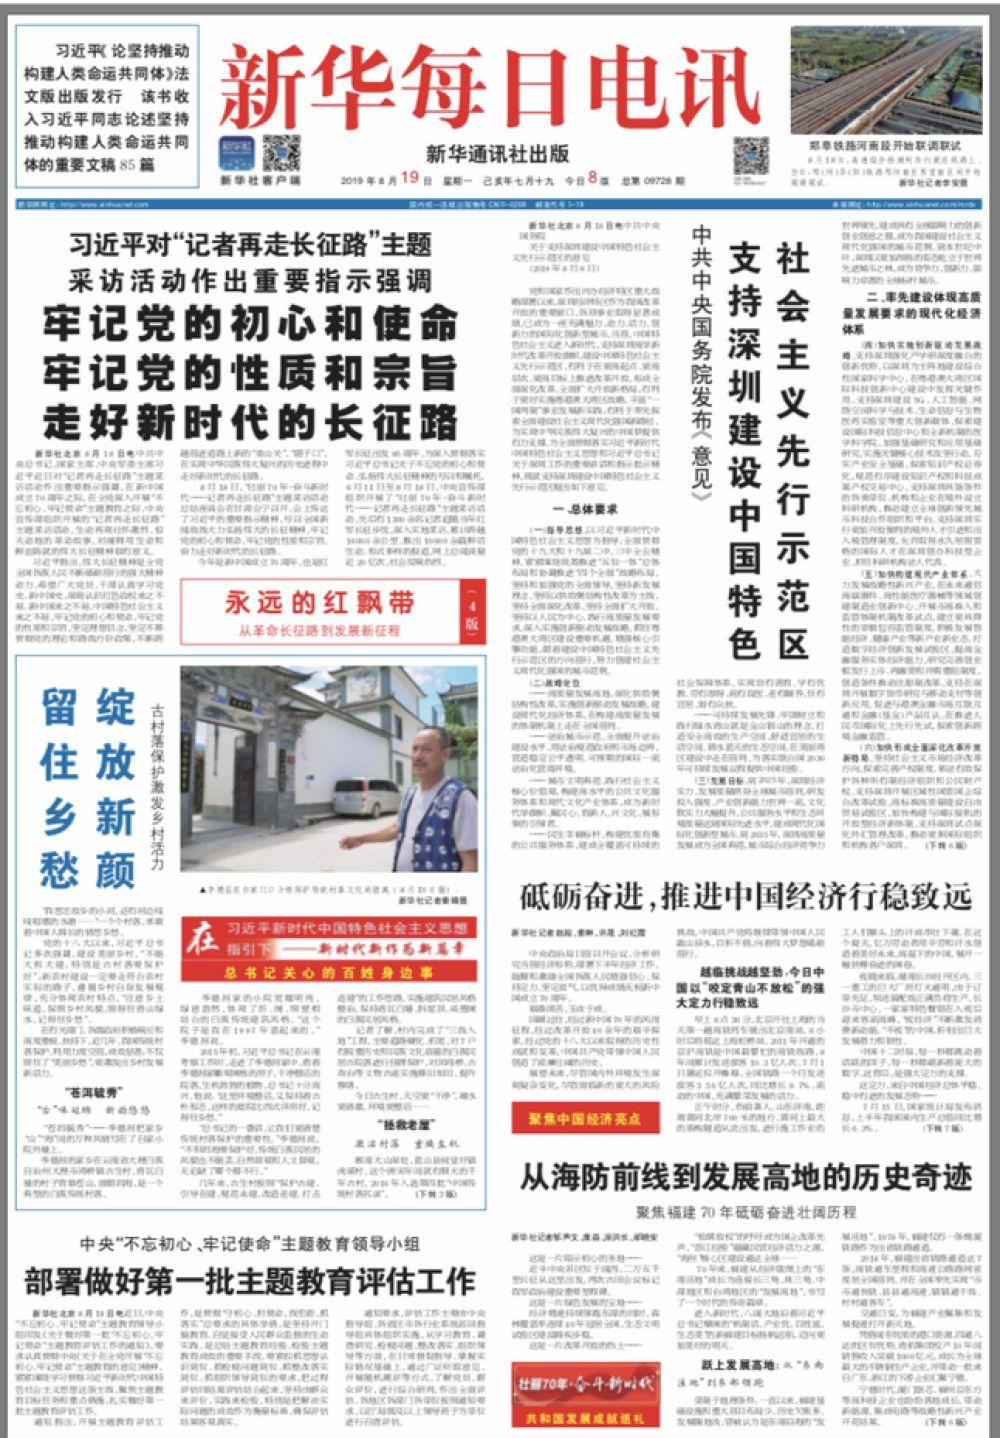 上图为2019年8月19日《新华每日电讯》头版截图。